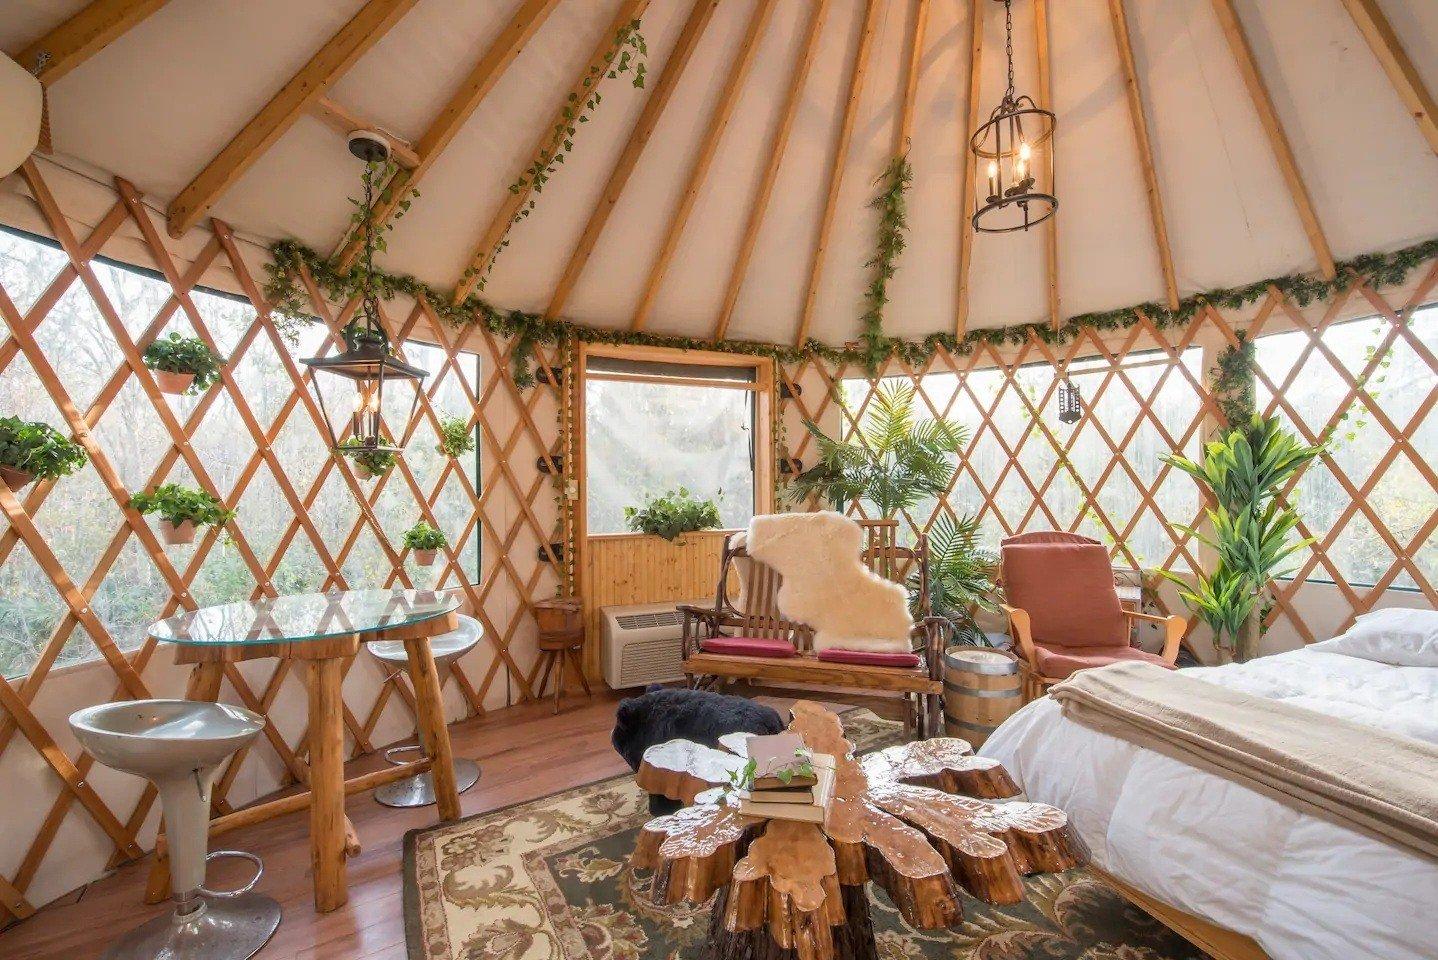 Danville BnB Treehouse